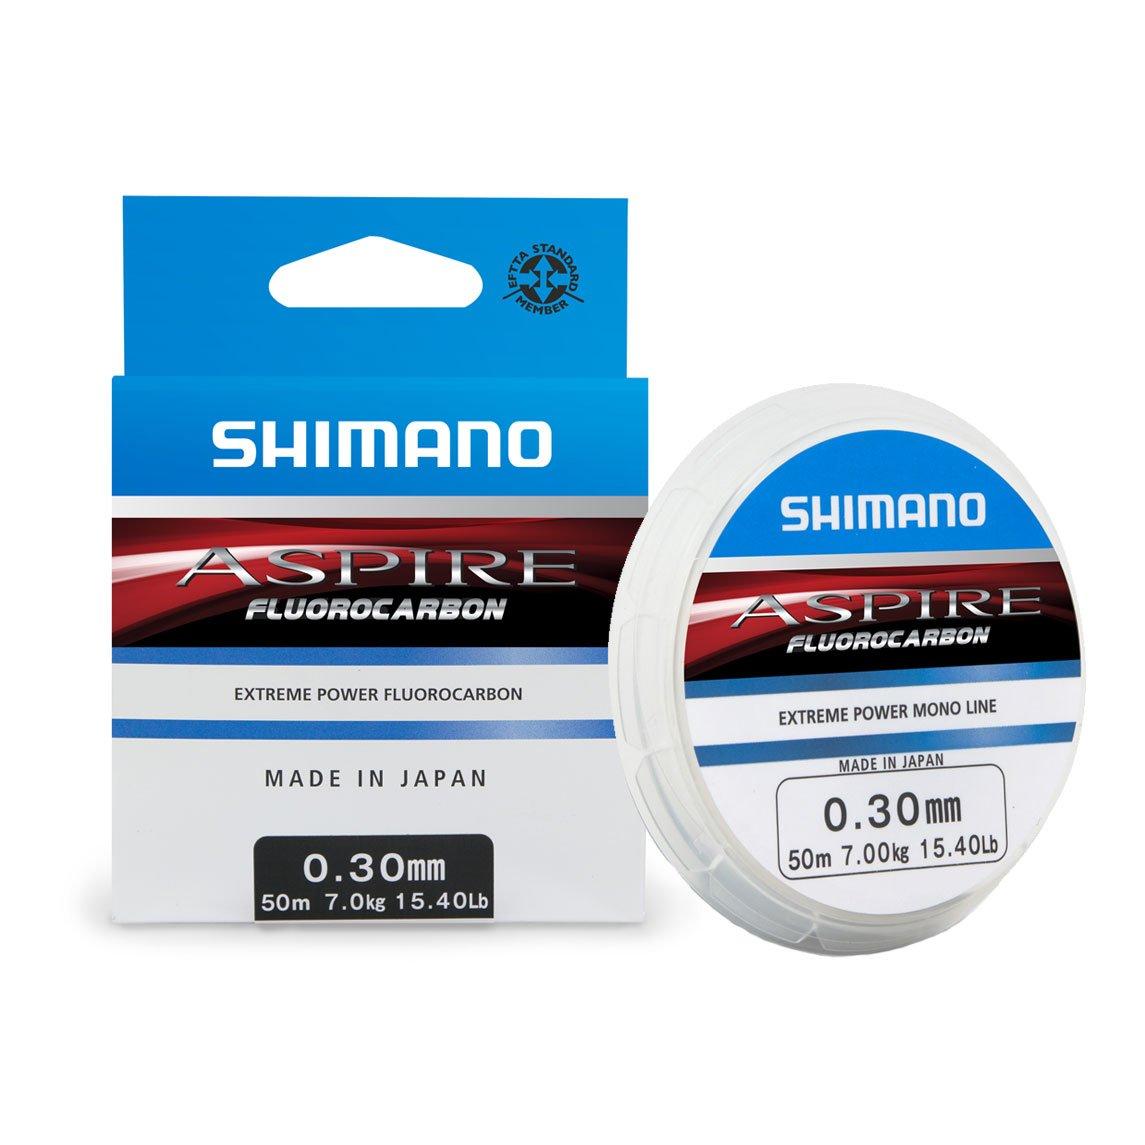 (0,16/m) Shimano Aspire 50m 0,18mm 2,5kg Fluorocarbon Vorfachschnur